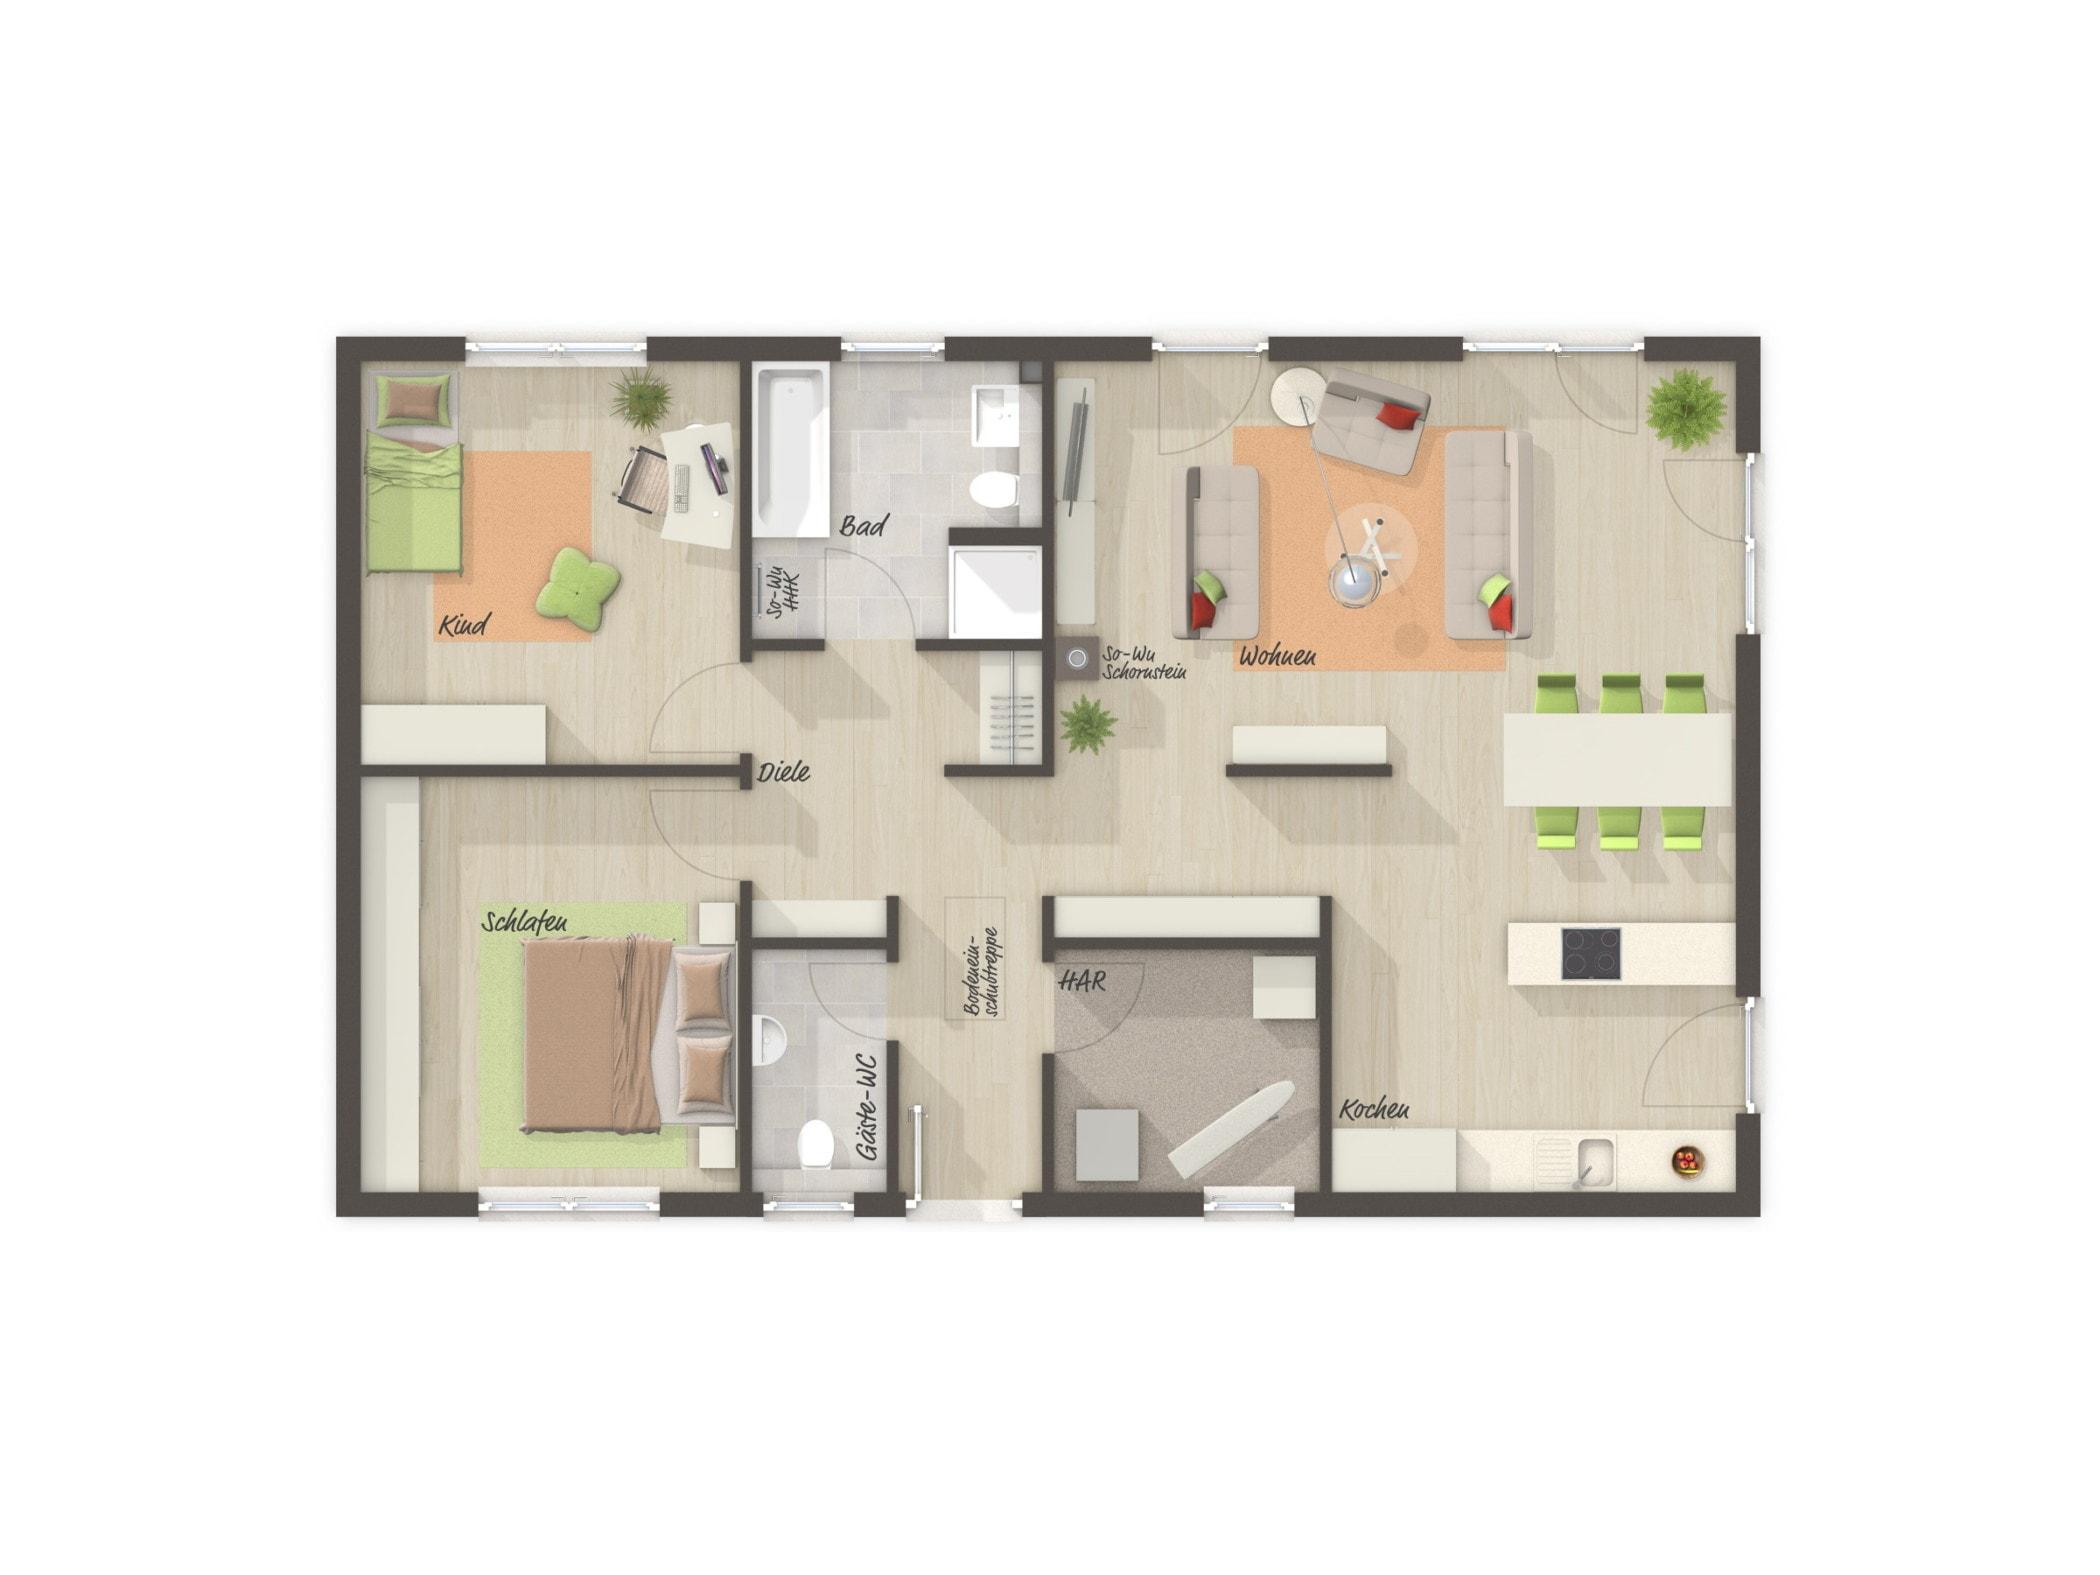 Bungalow Haus Grundriss mit Gäste-WC & Satteldach, 3 Zimmer, 100 qm - Massivhaus schlüsselfertig bauen Ideen Town Country Haus BUNGALOW 100 - HausbauDirekt.de